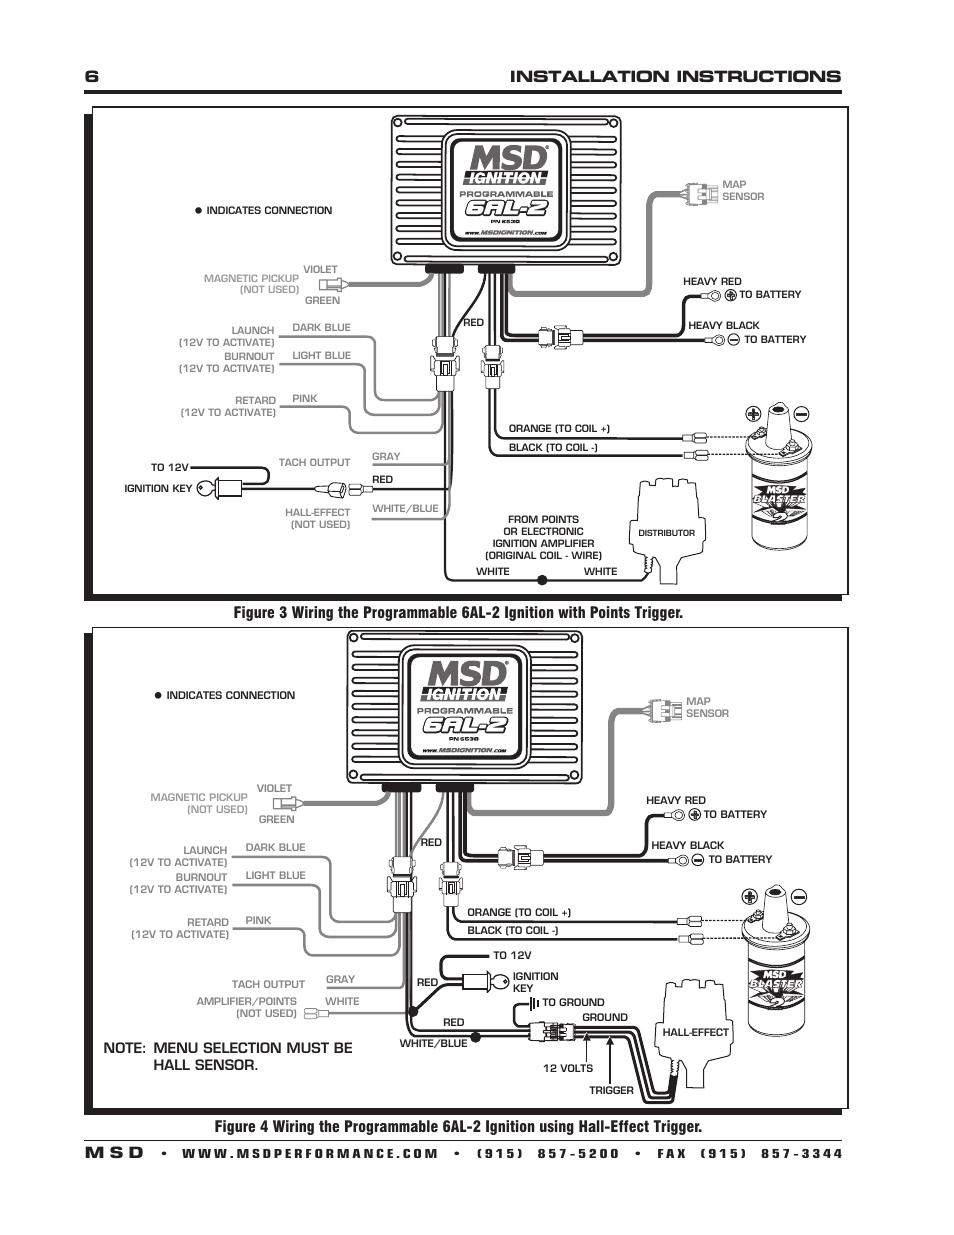 msd 6420 wiring schematics